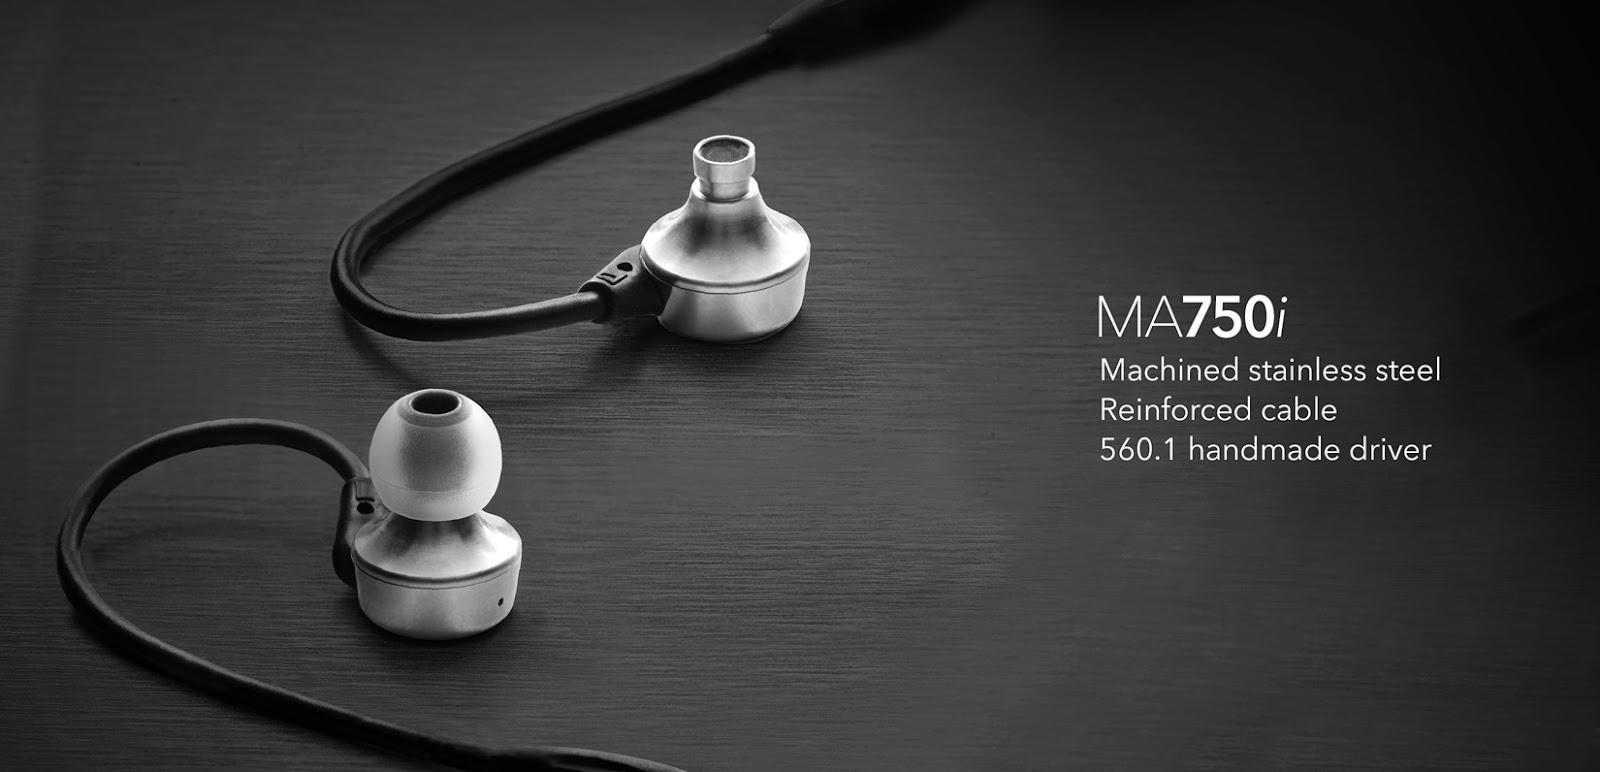 âm thanh, tai nghe rha ma750i